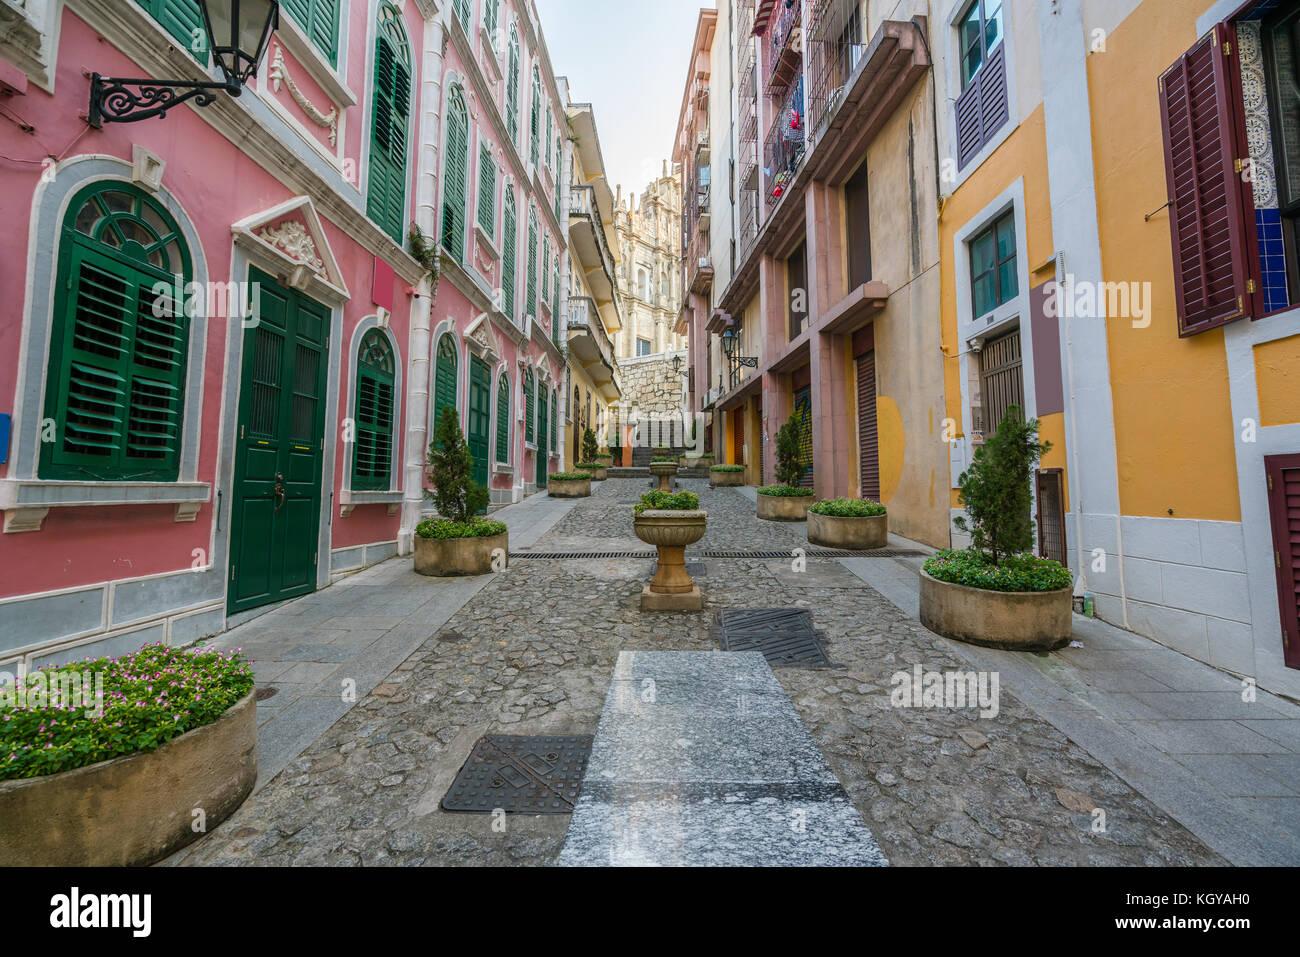 Scenic Street nella città vecchia di Macau (Macao) vicino le rovine di san Paolo a Macao (Macao) ,in Cina. Immagini Stock